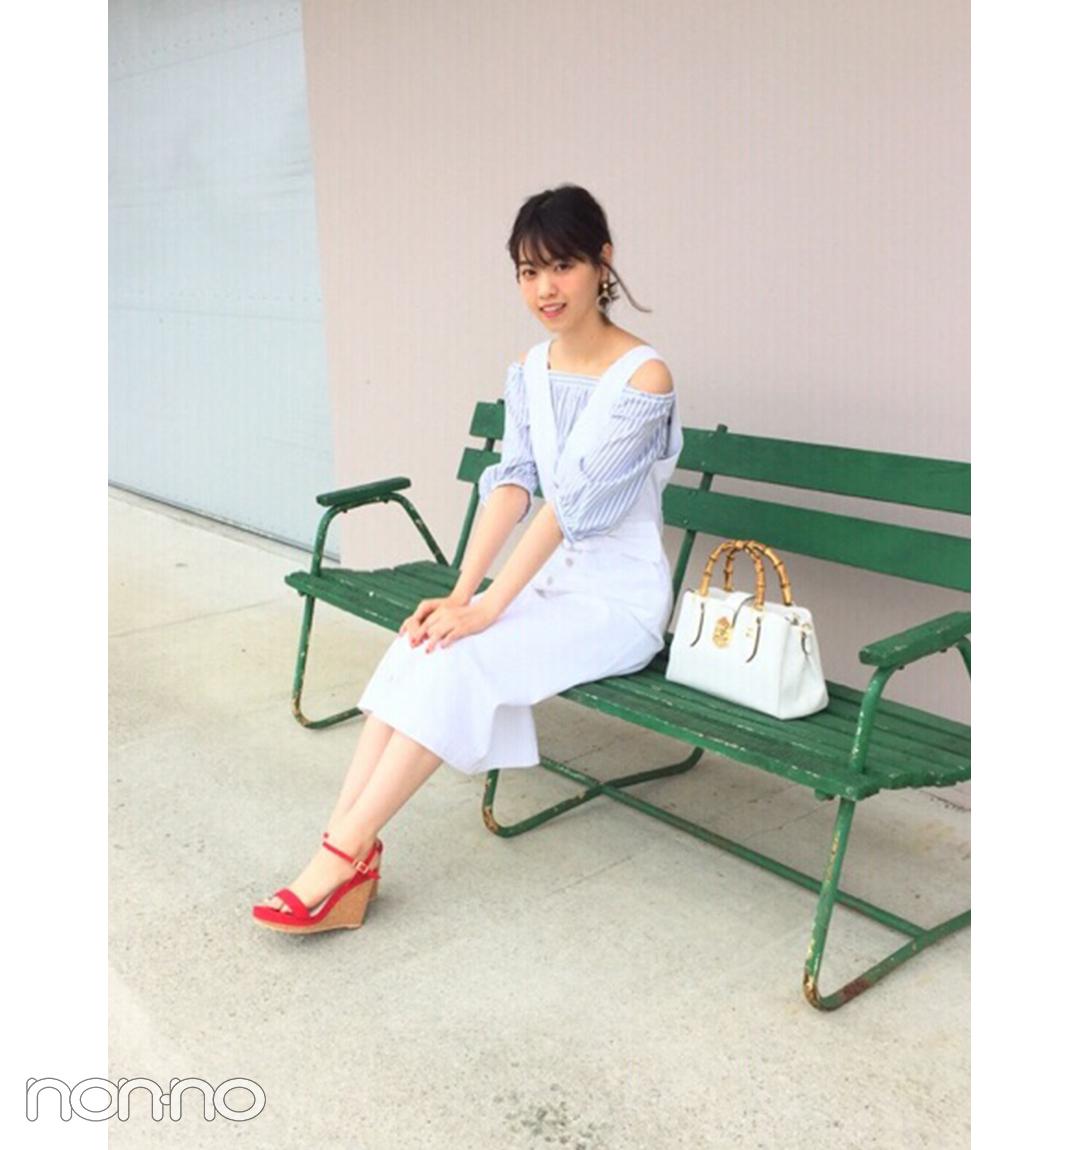 西野七瀬は白ジャンスカで清楚可愛い♡夏コーデに【毎日コーデ】_1_1